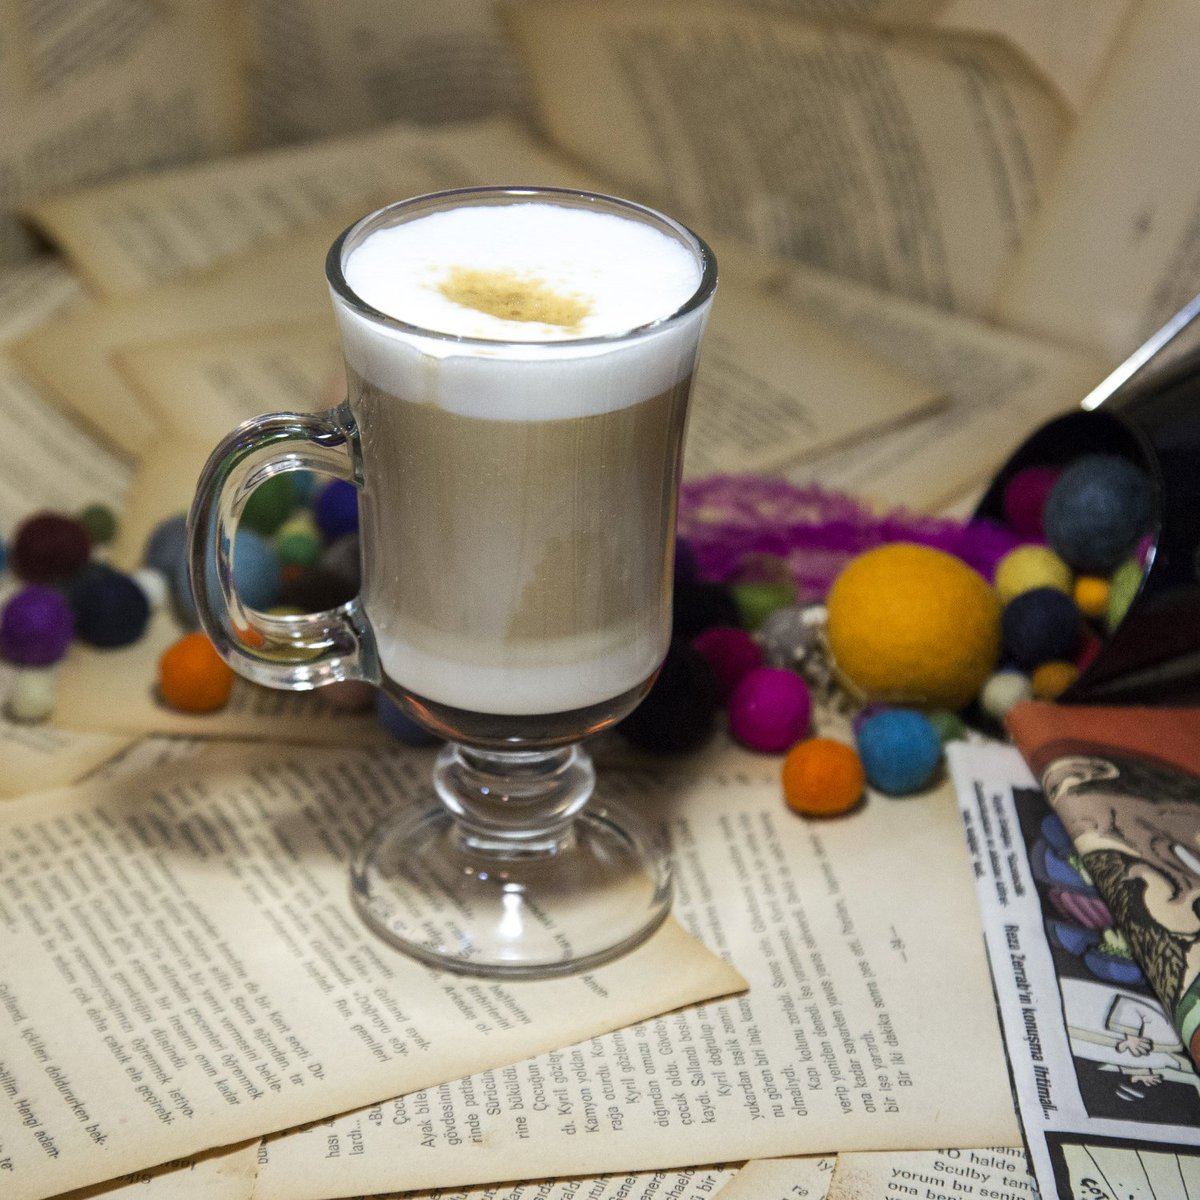 Kar yağıyorsa latte içmenin zamanı gelmiştir😍Afiyet olsun❤ #sanatevim #sanat #latte #istanbul #avcilar #Coffee https://t.co/Dfmzur1dla